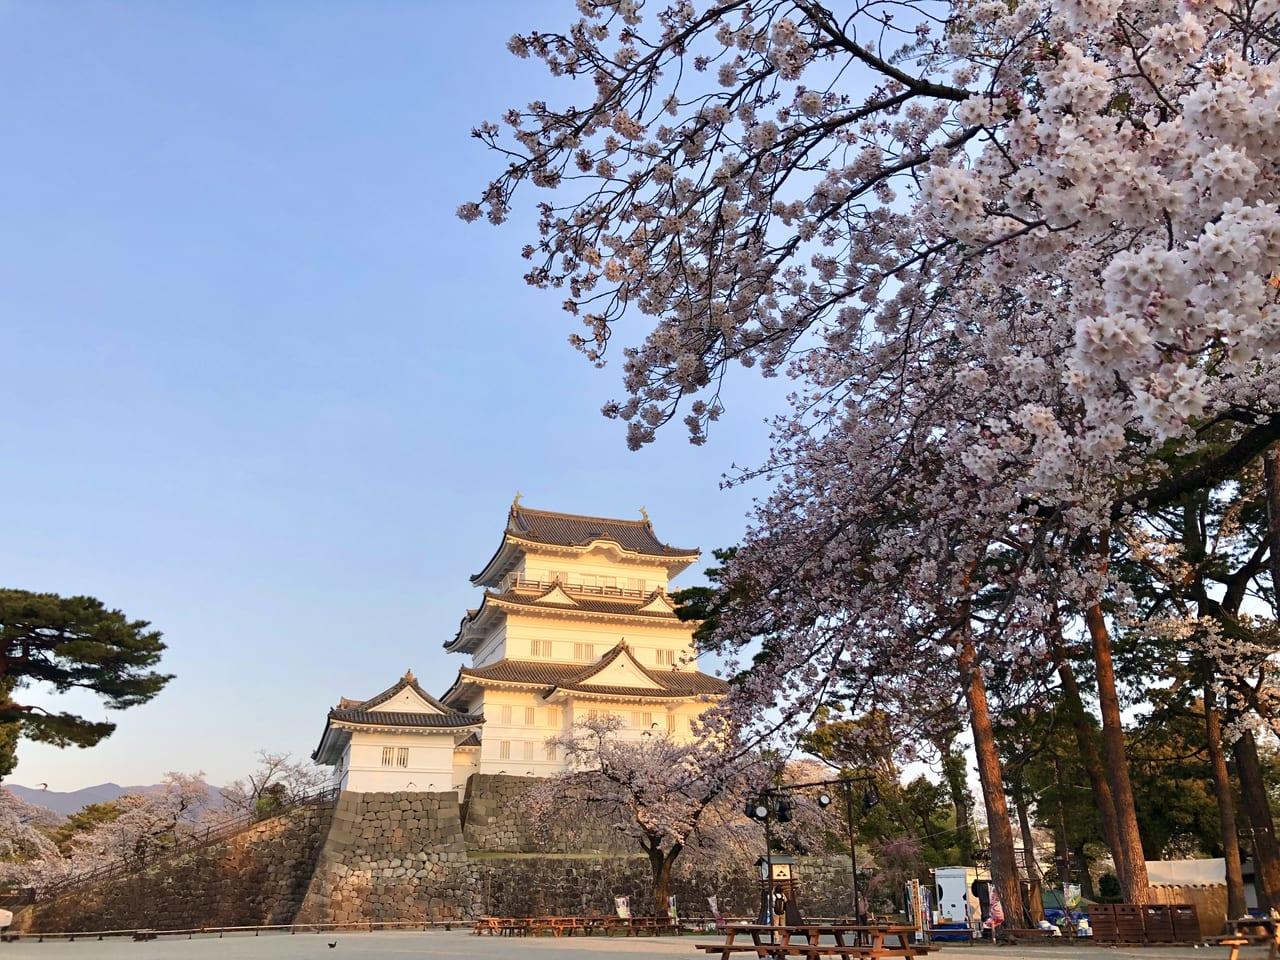 観光 小田原 小田原城に観光に行ってきた